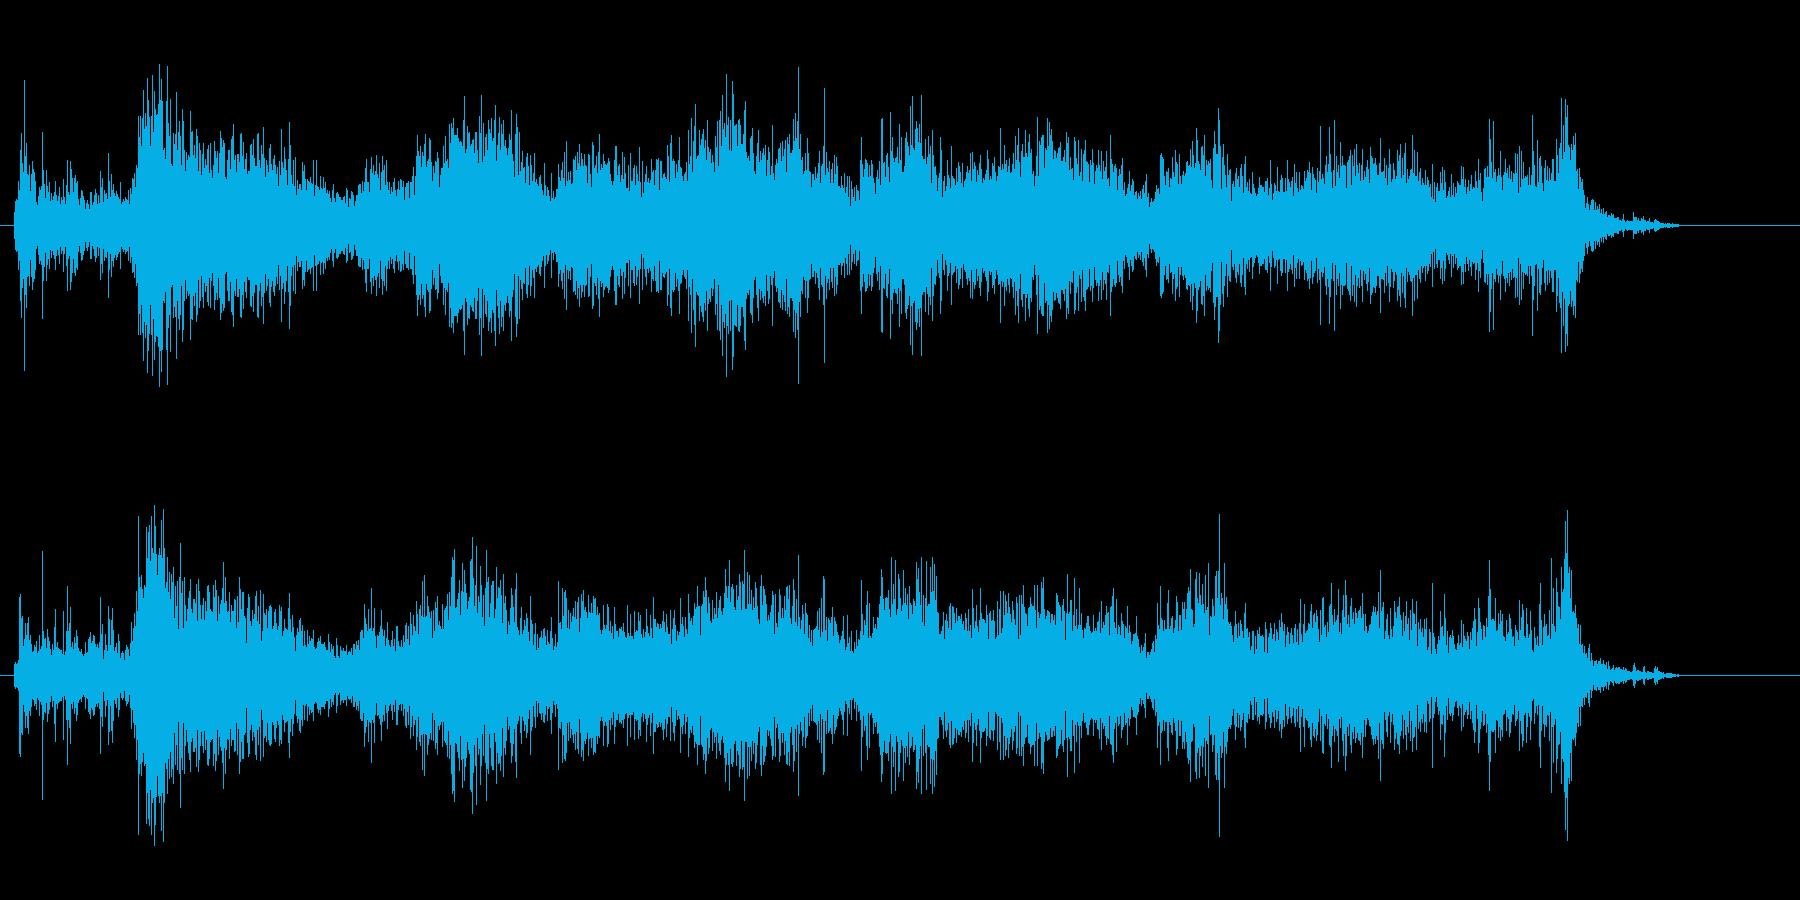 字を書くしゃりしゃりしたリアルな音。の再生済みの波形